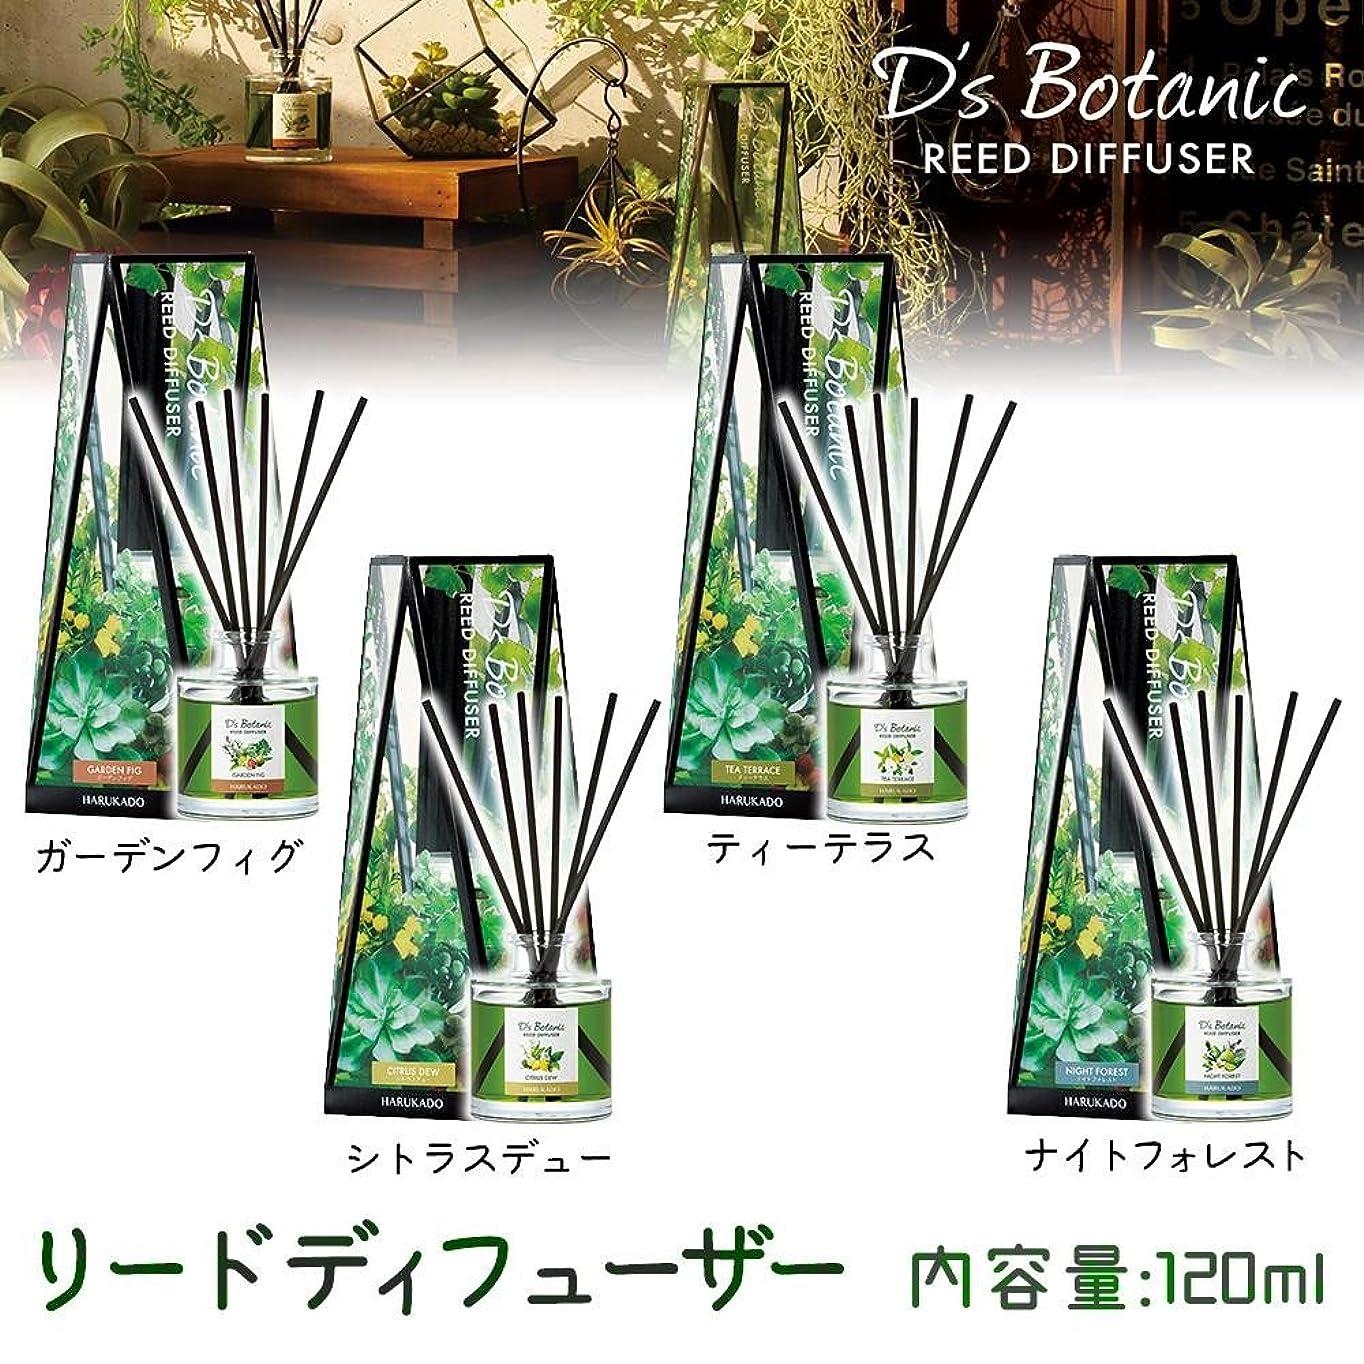 勝利した船尾学部長D'S Botanic(デイズボタニック) リードディフューザー ルームフレグランス 120ml シトラスデュー?6229【人気 おすすめ 】